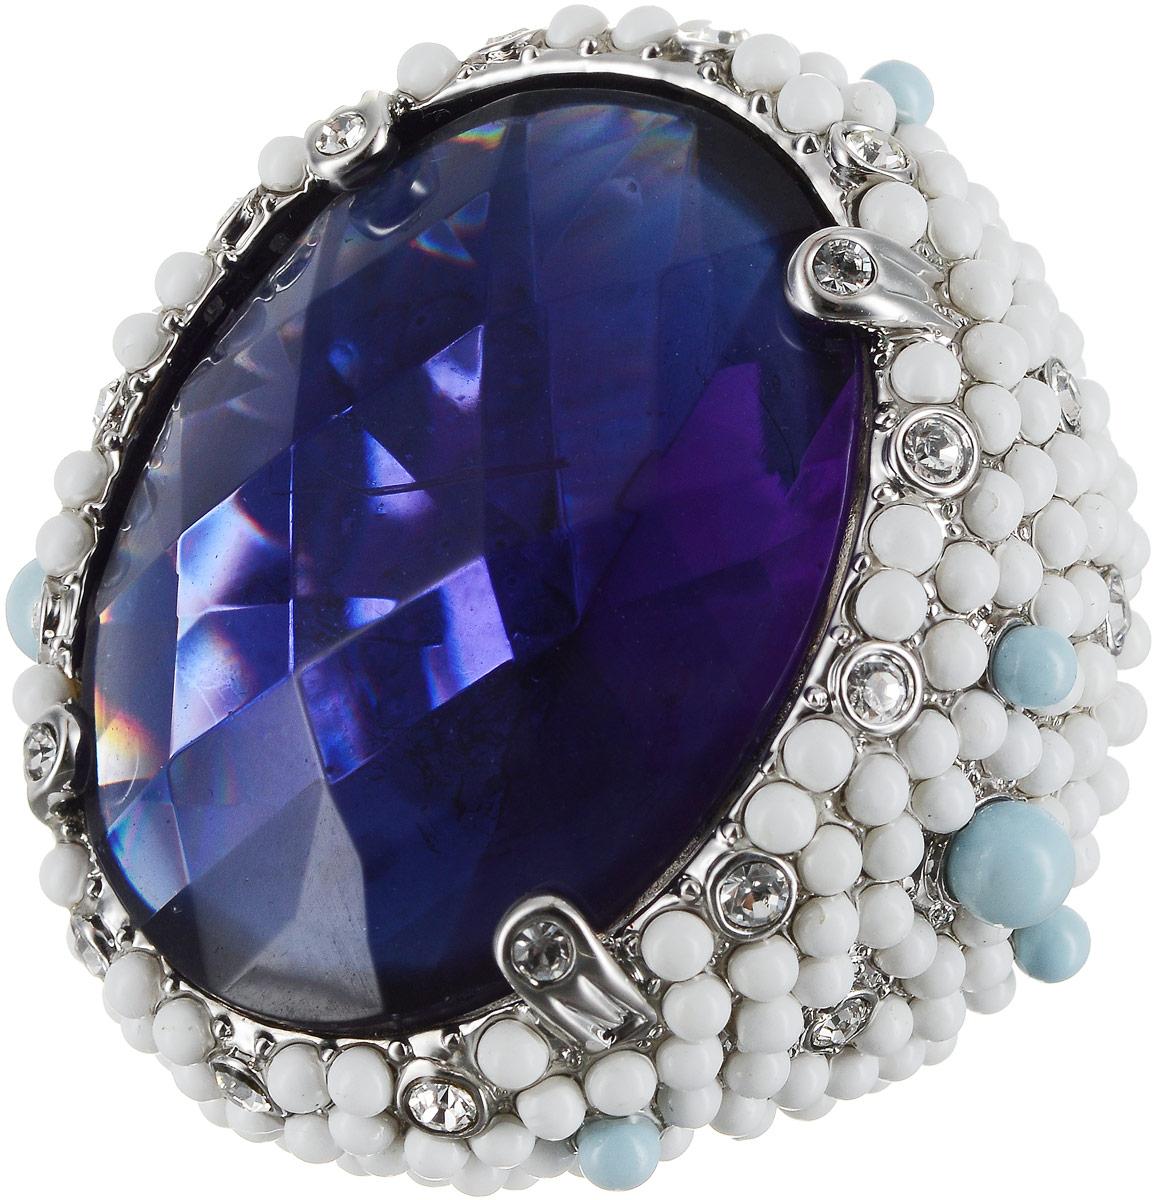 Кольцо Art-Silver, цвет: серебряный, синий, белый. 428-2106. Размер 19 серьги art silver цвет серебряный 27958 577